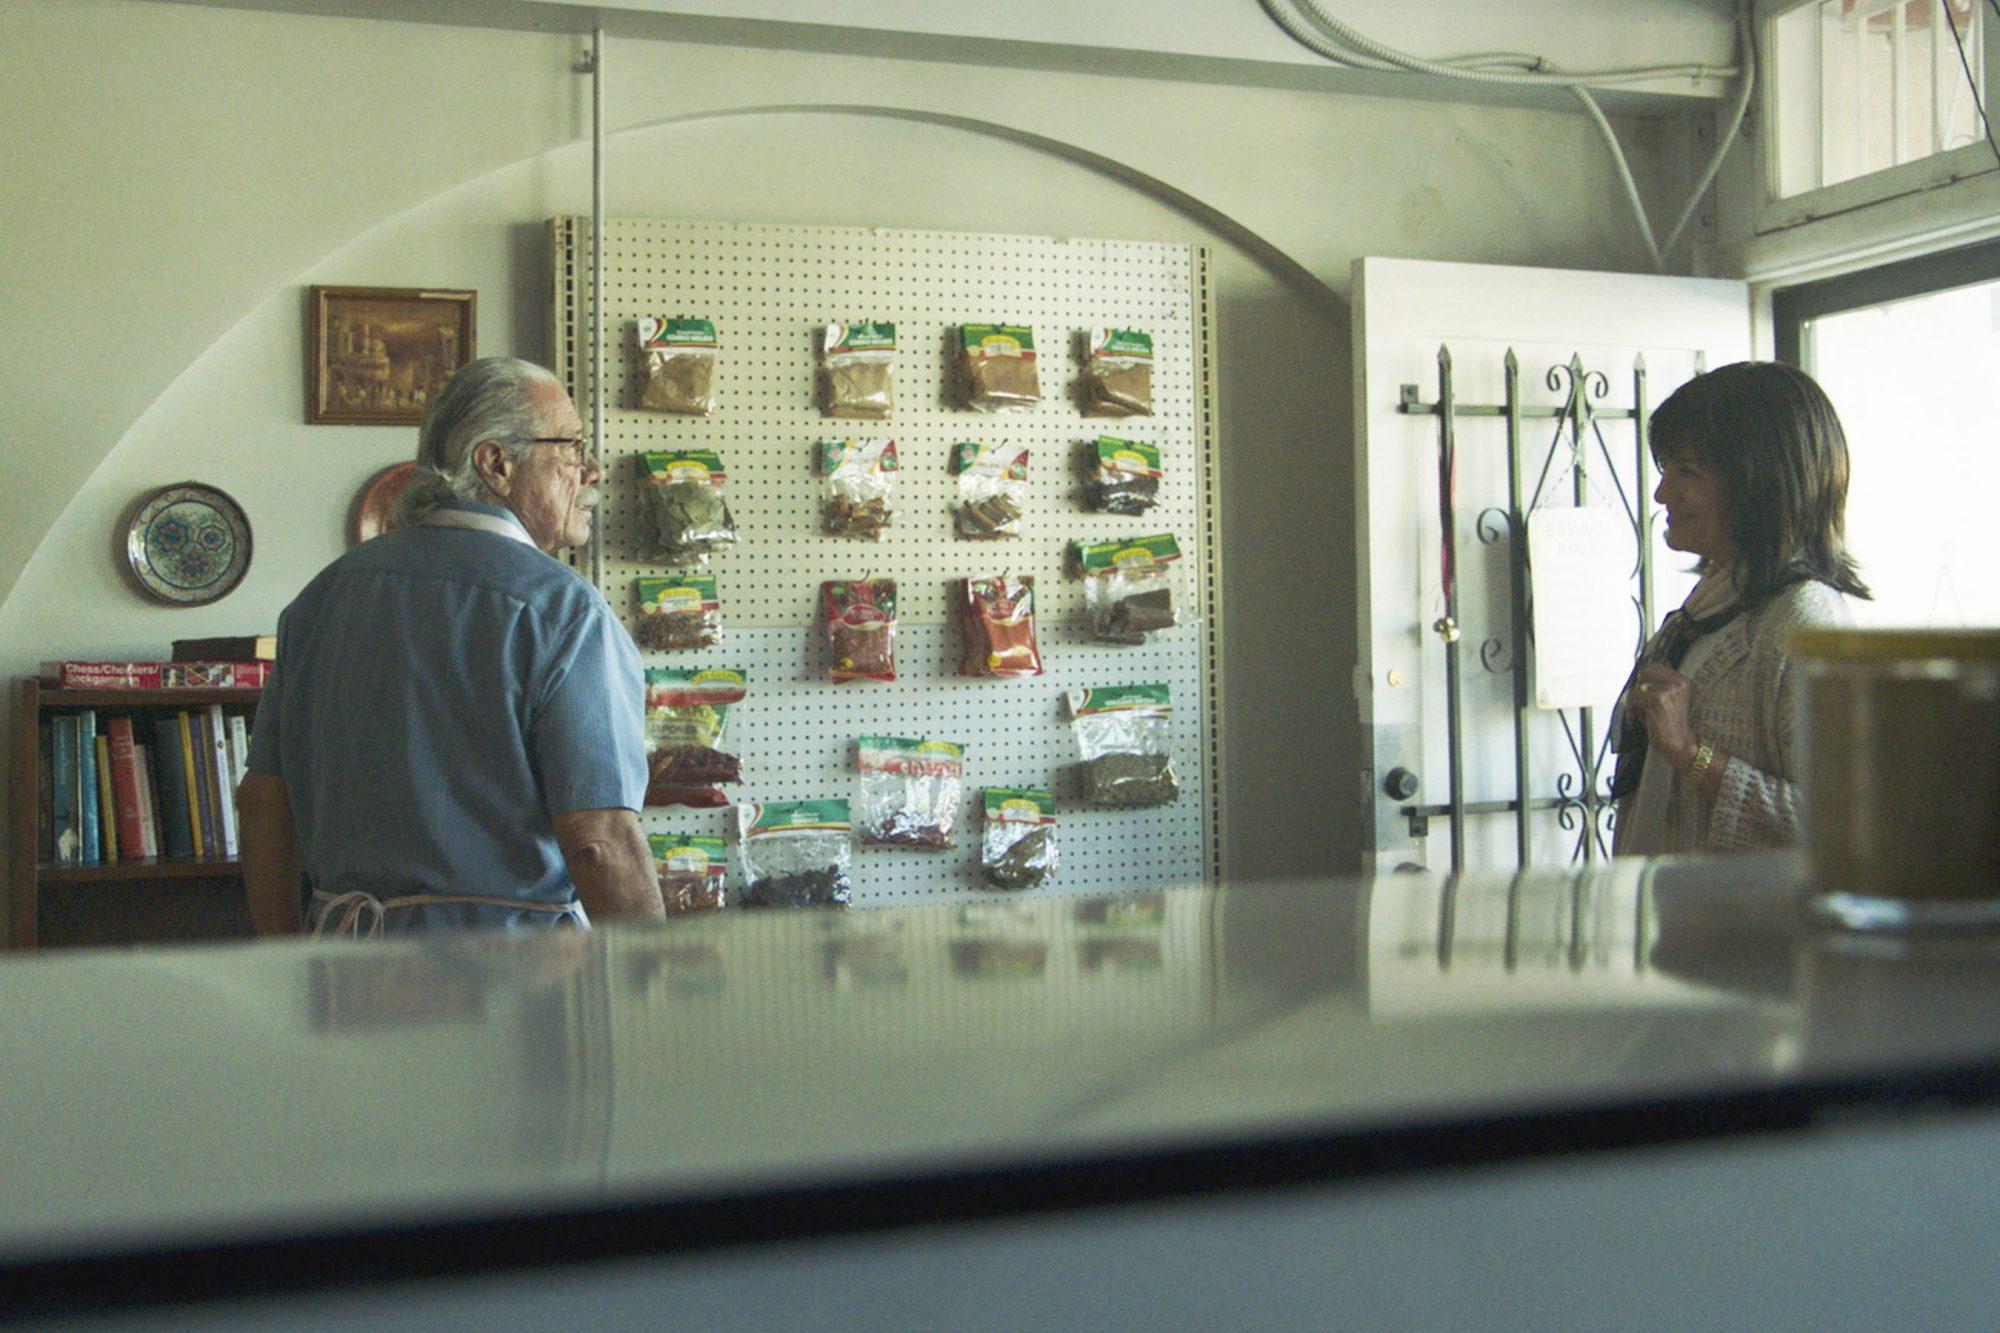 """MAYANS M.C. -- """"Xaman-Ek"""" -- Season 2, Episode 2 (Airs Tuesday, September 9, 10:00 p.m. e/p) Pictured: (l-r) Edward James Olmos as Felipe Reyes, Ada Maris as Dita Galindo. CR: FX"""